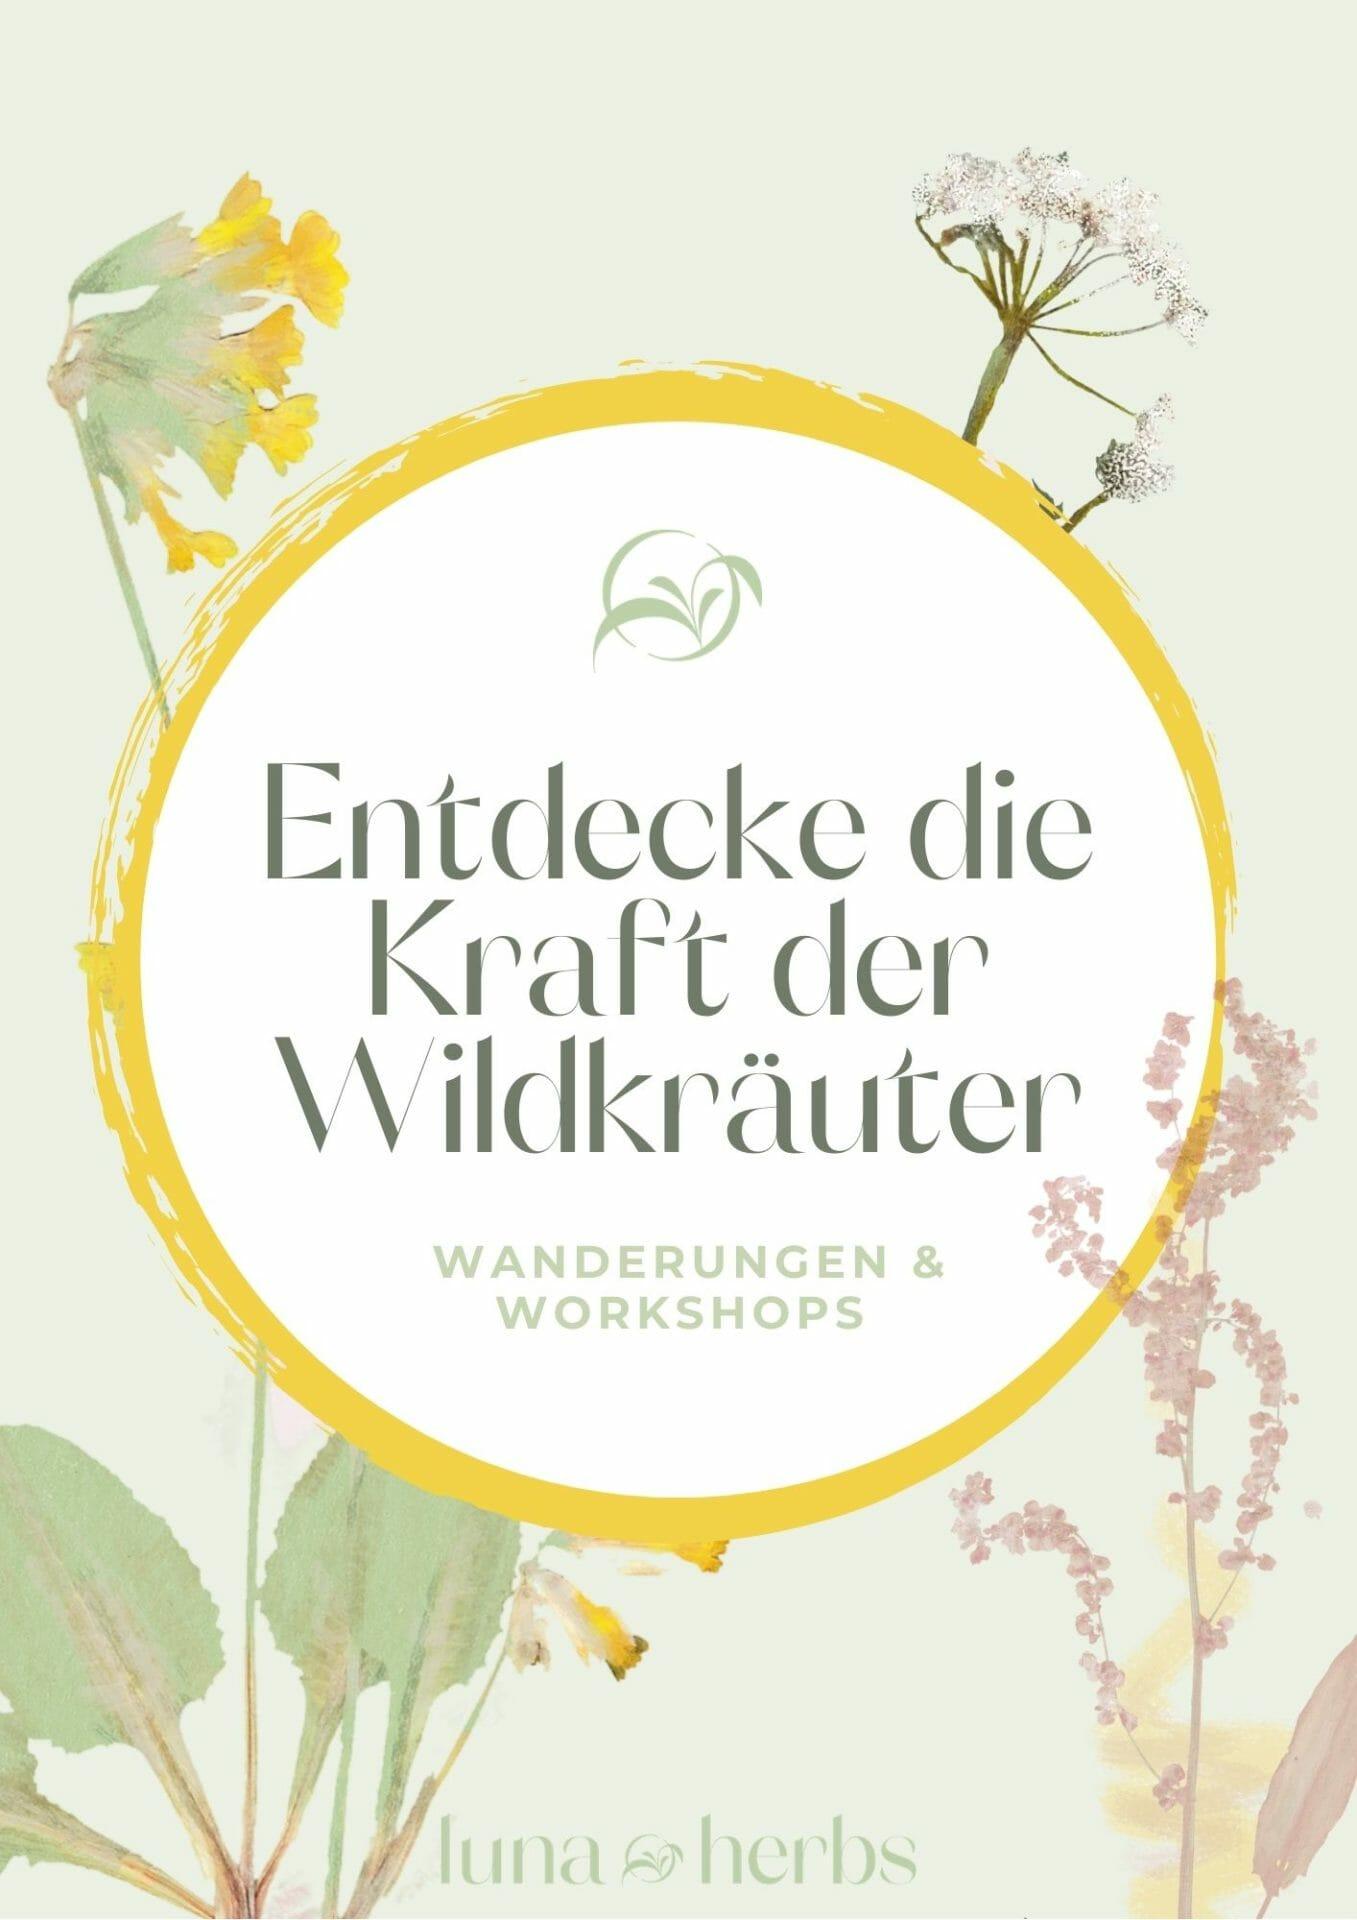 Luna Herbs Wildkräuter Wanderungen und Workshops in der Eifel